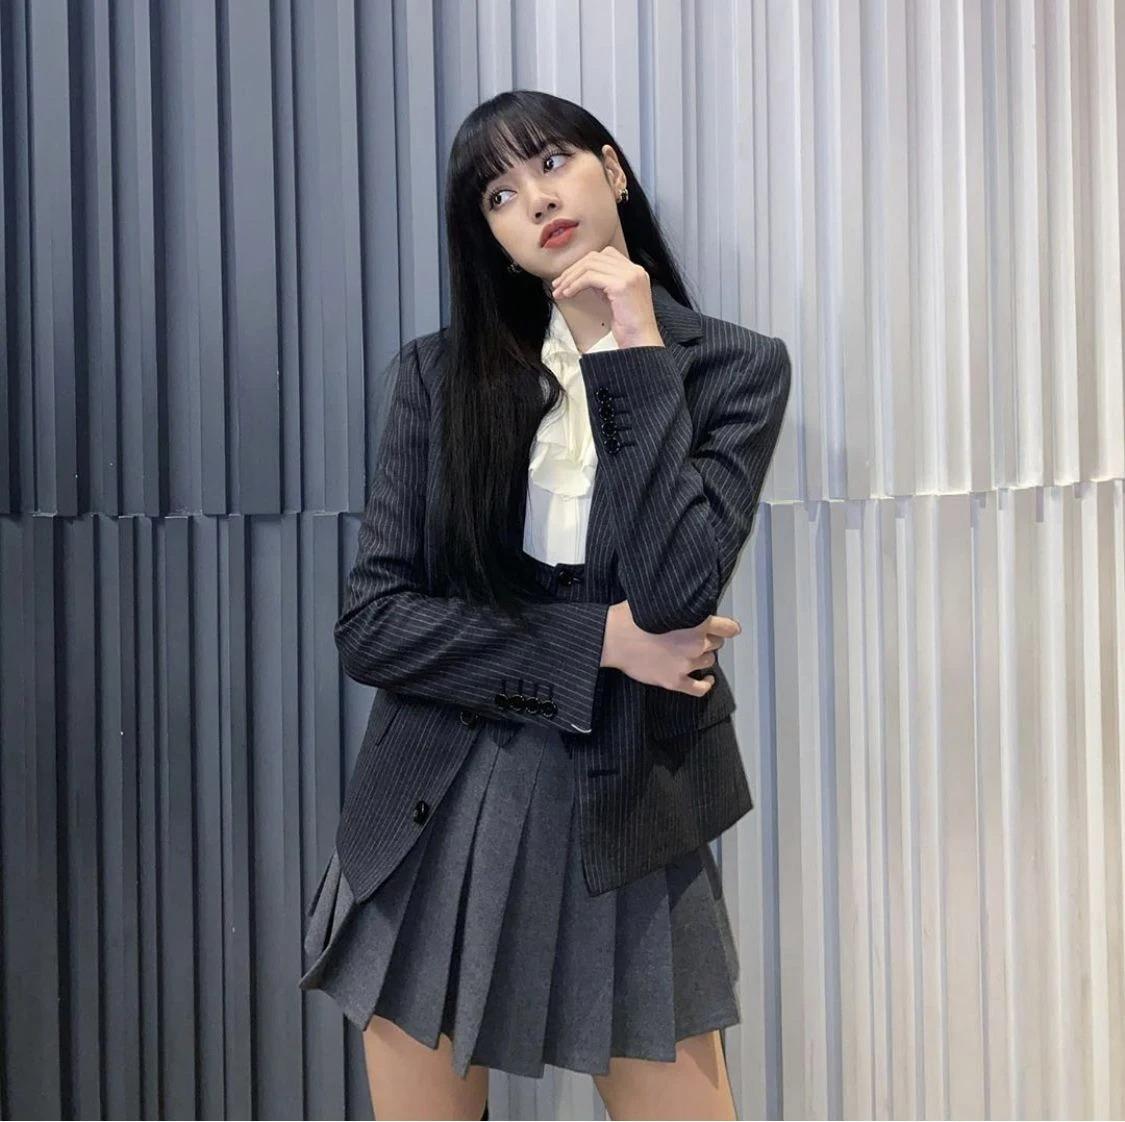 Trong một lần chụp ảnh gần đây, Lisa theo phong cách nữ sinh với trang phục váy áo xếp ly chuẩn học đường. Bộ đồ trông nhí nhảnh như vậy nhưng cũng đến từ thương hiệu hàng đầu nước Pháp, tổng giá bán khoảng hơn 82 triệu đồng.